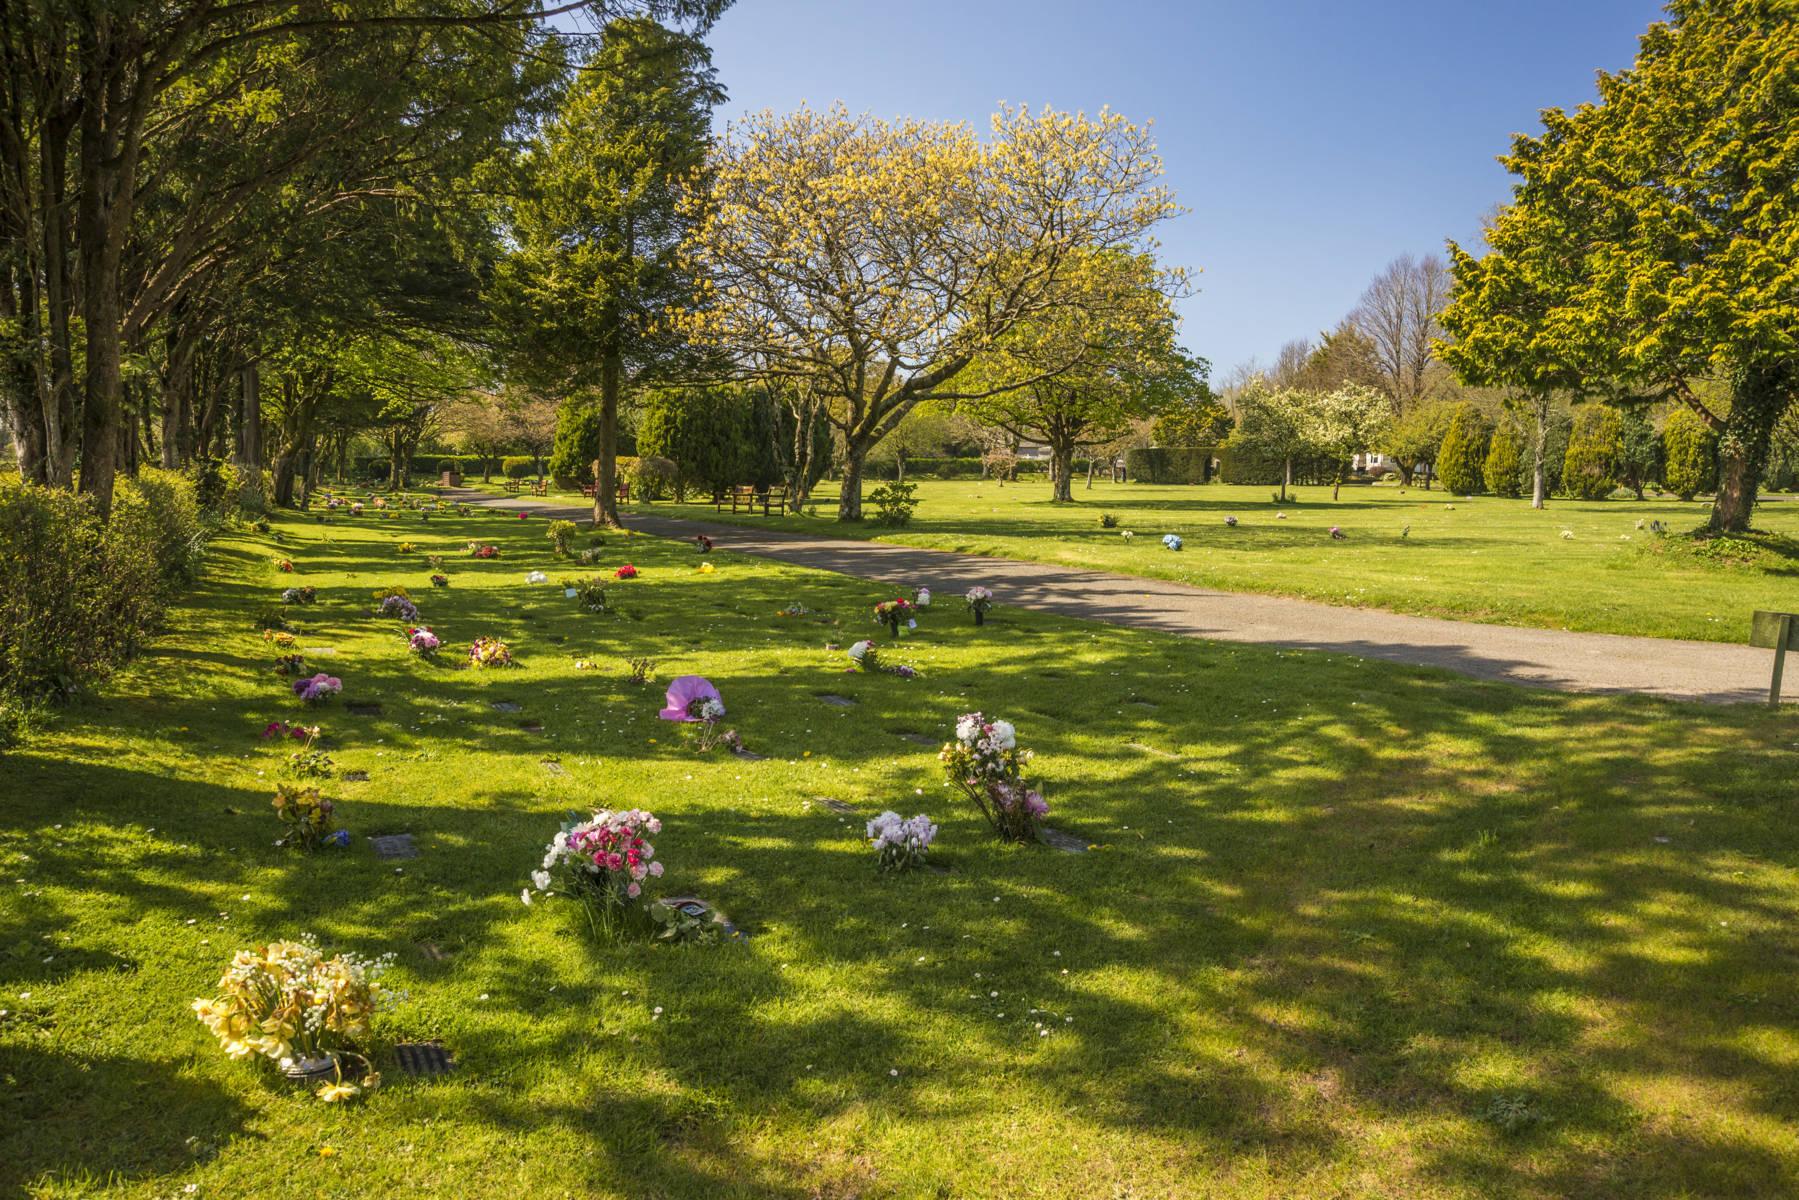 http://drakememorialpark.co.uk/upload/gallery_image/c4e368270319114640.JPG